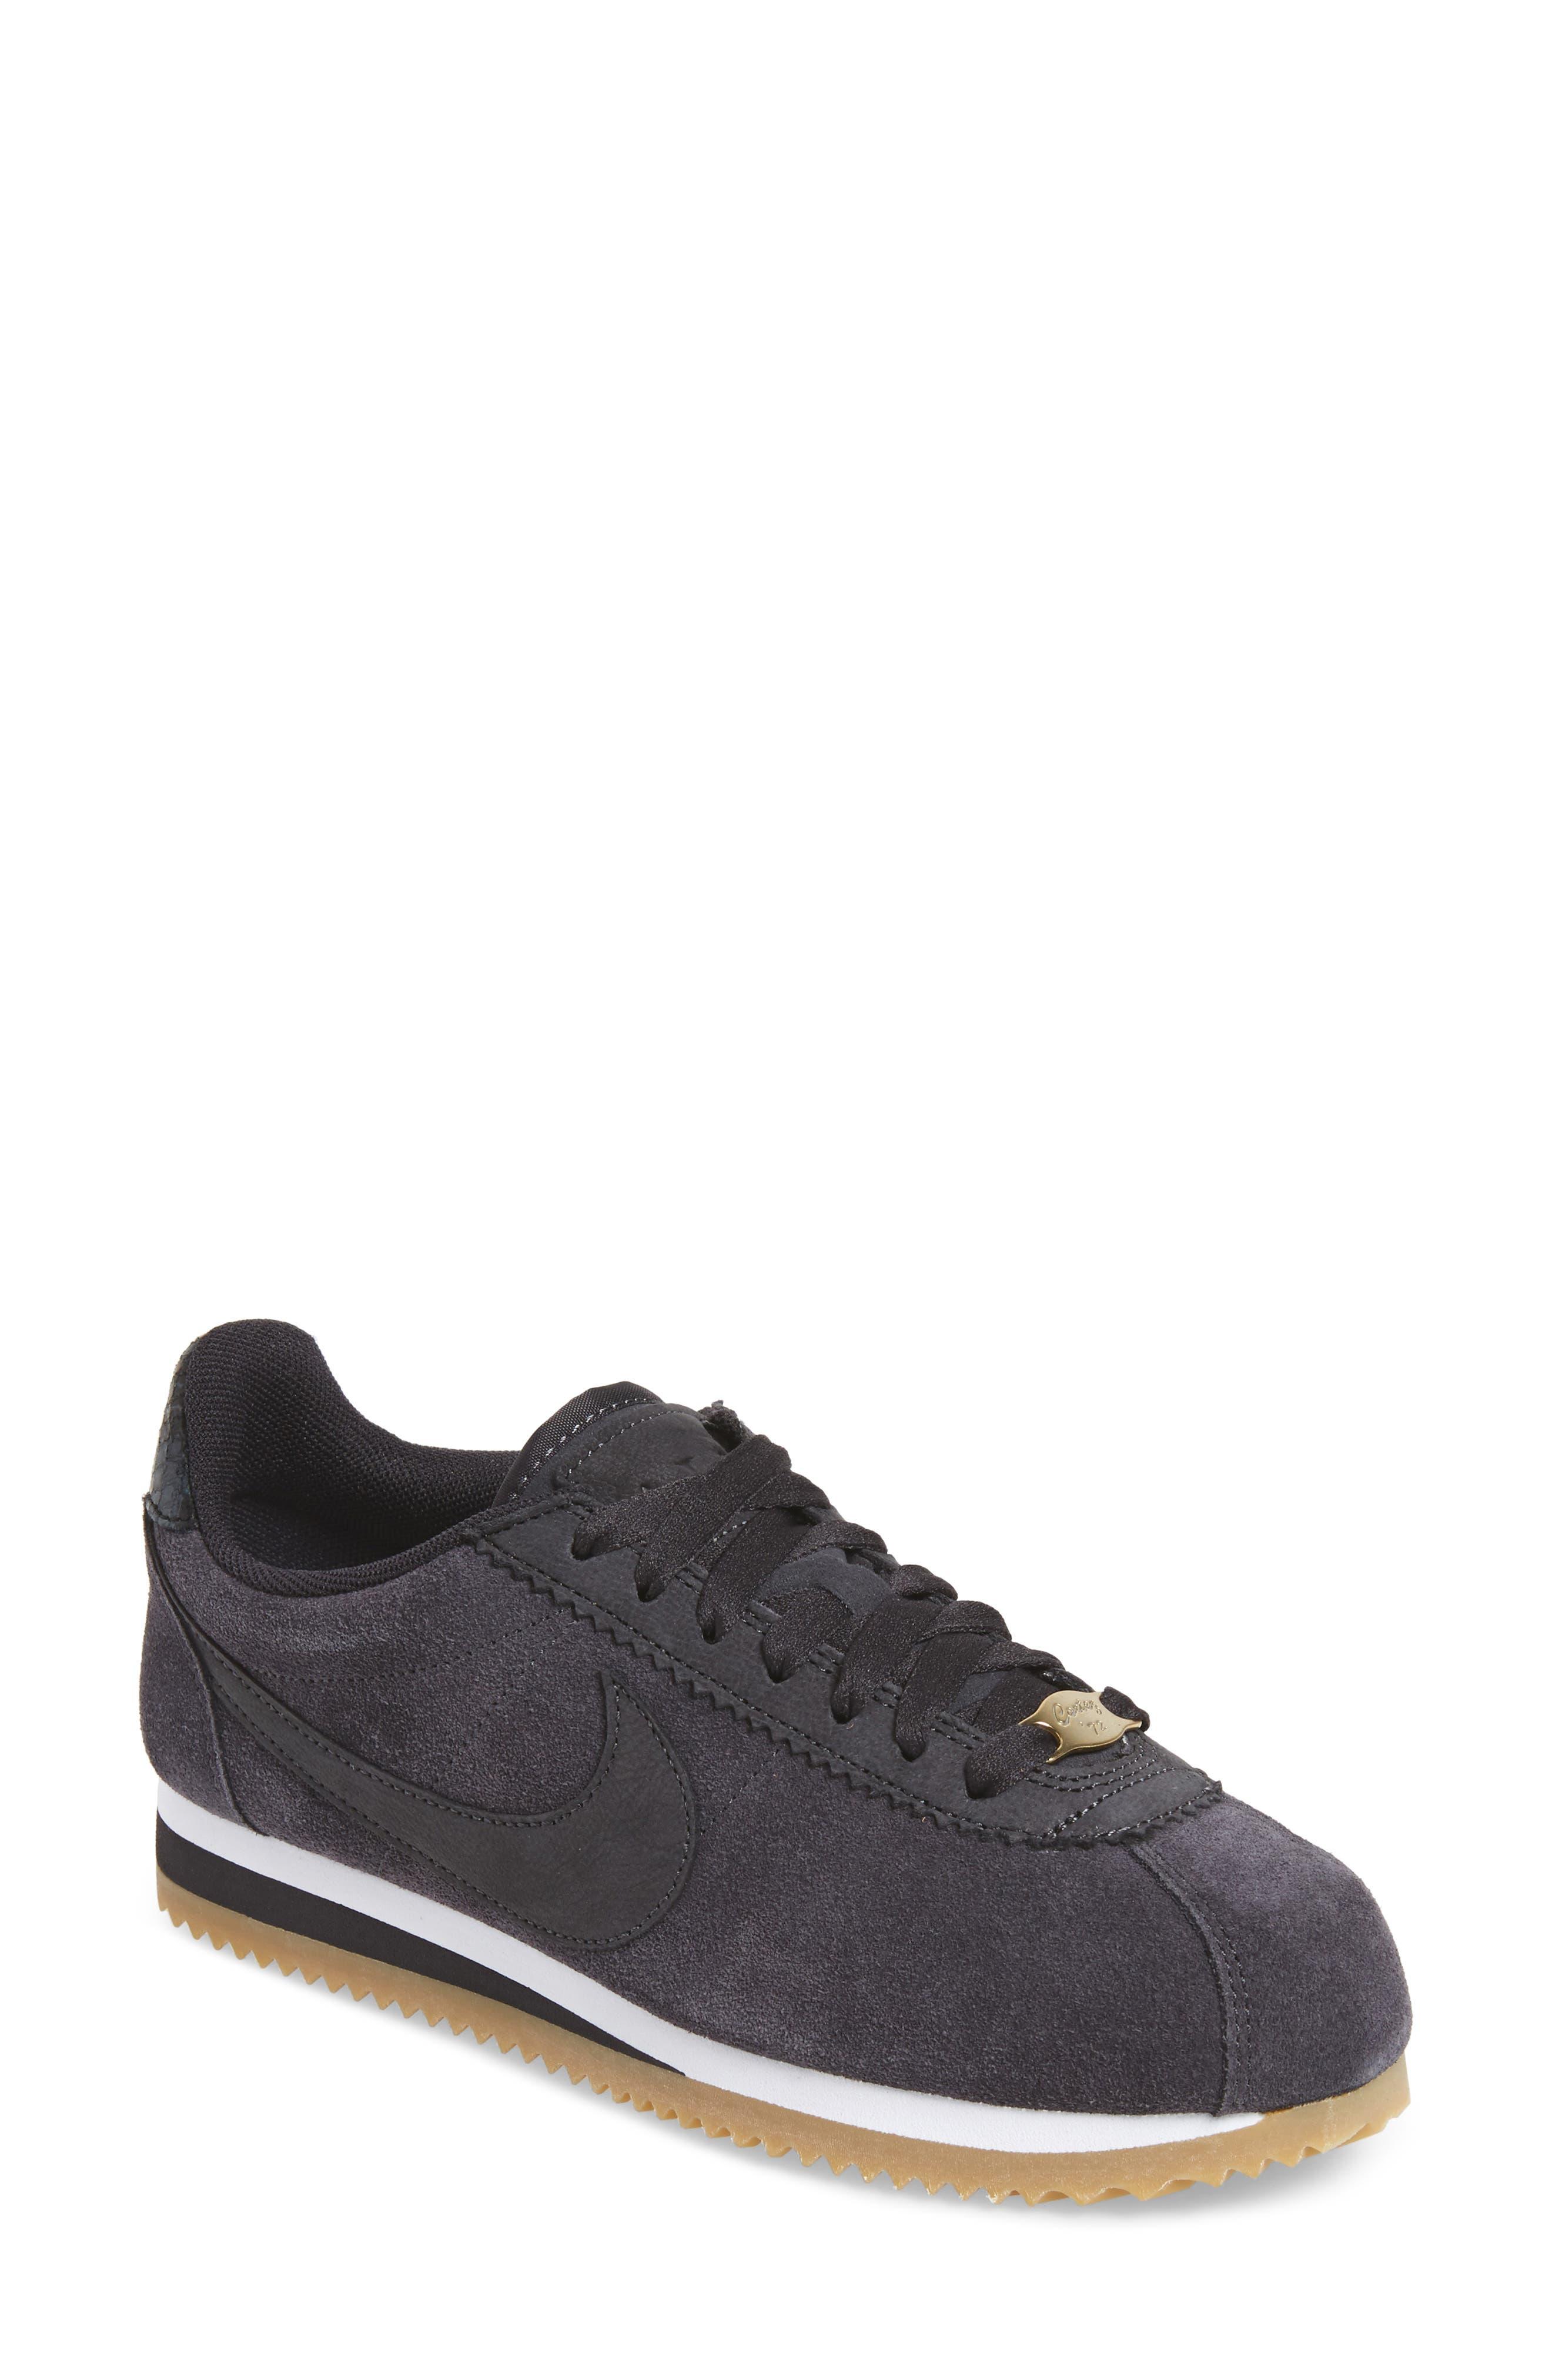 x A.L.C. Classic Cortez Sneaker,                             Main thumbnail 1, color,                             001